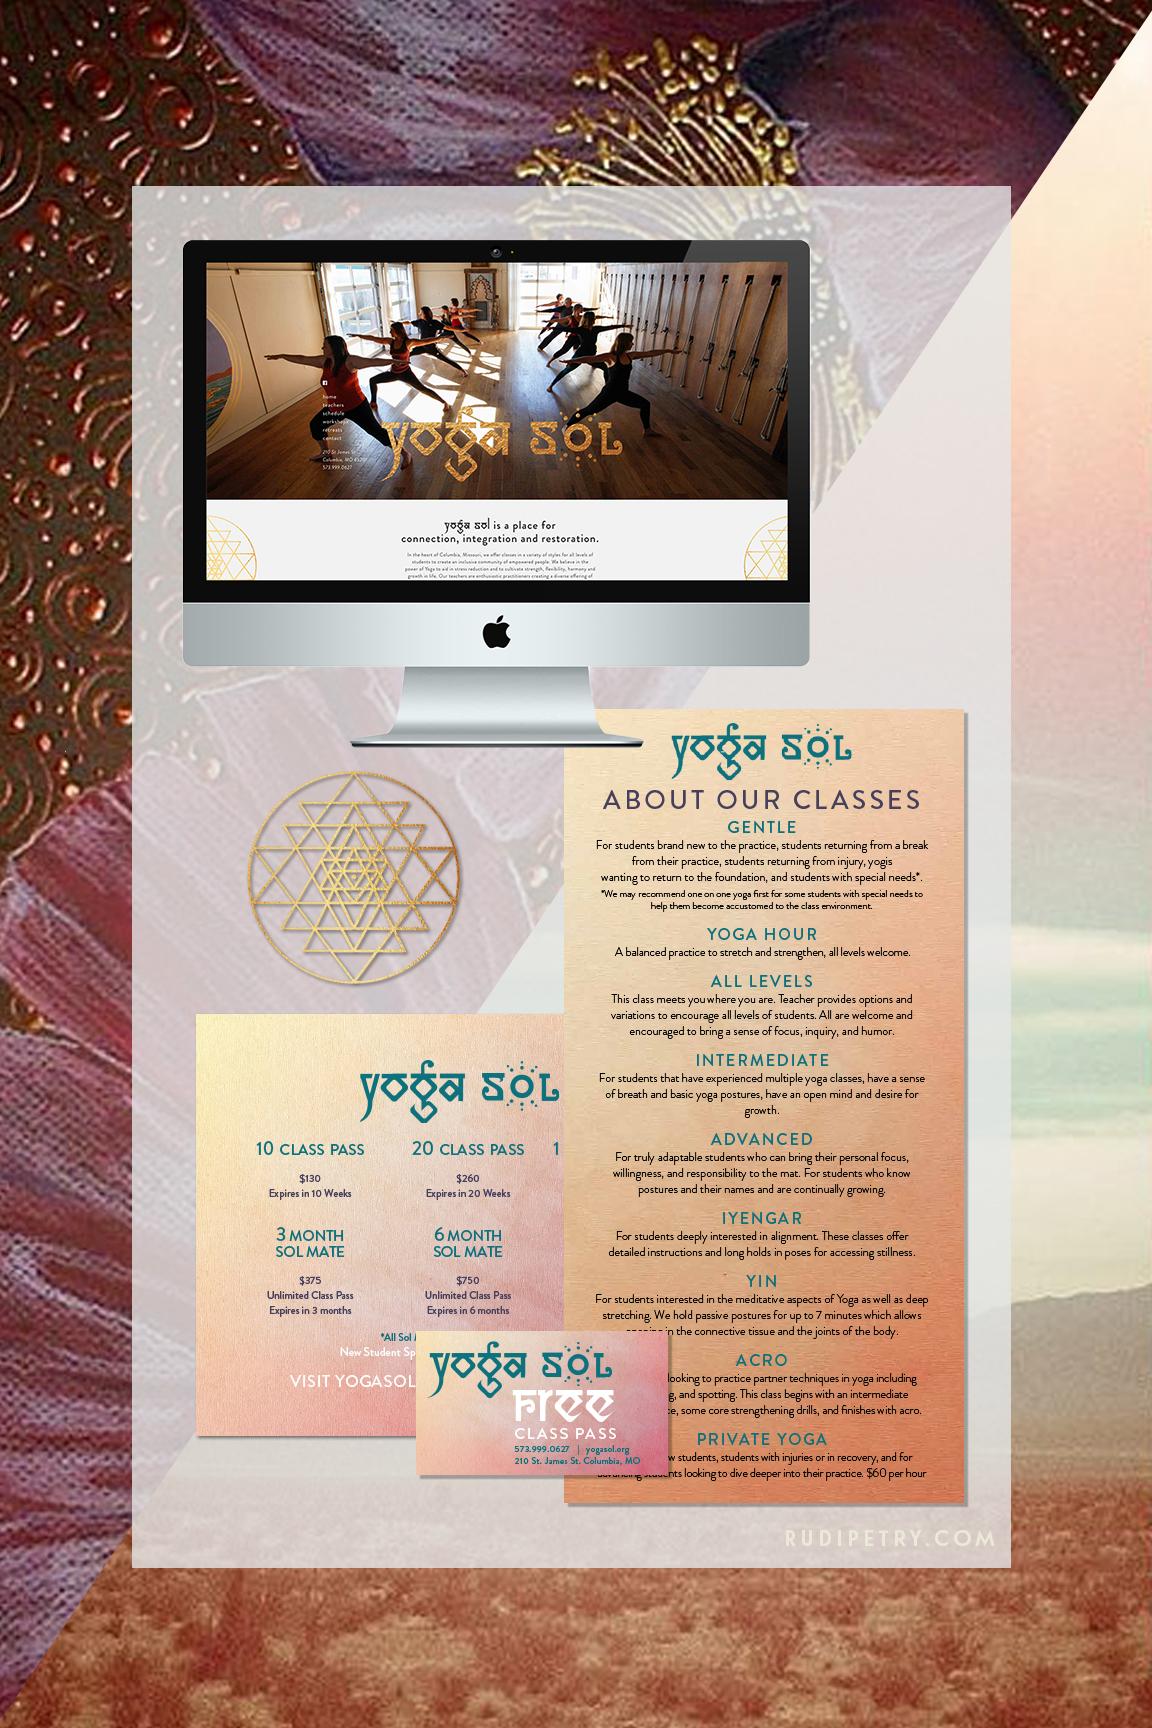 yogasol_homepage.jpg